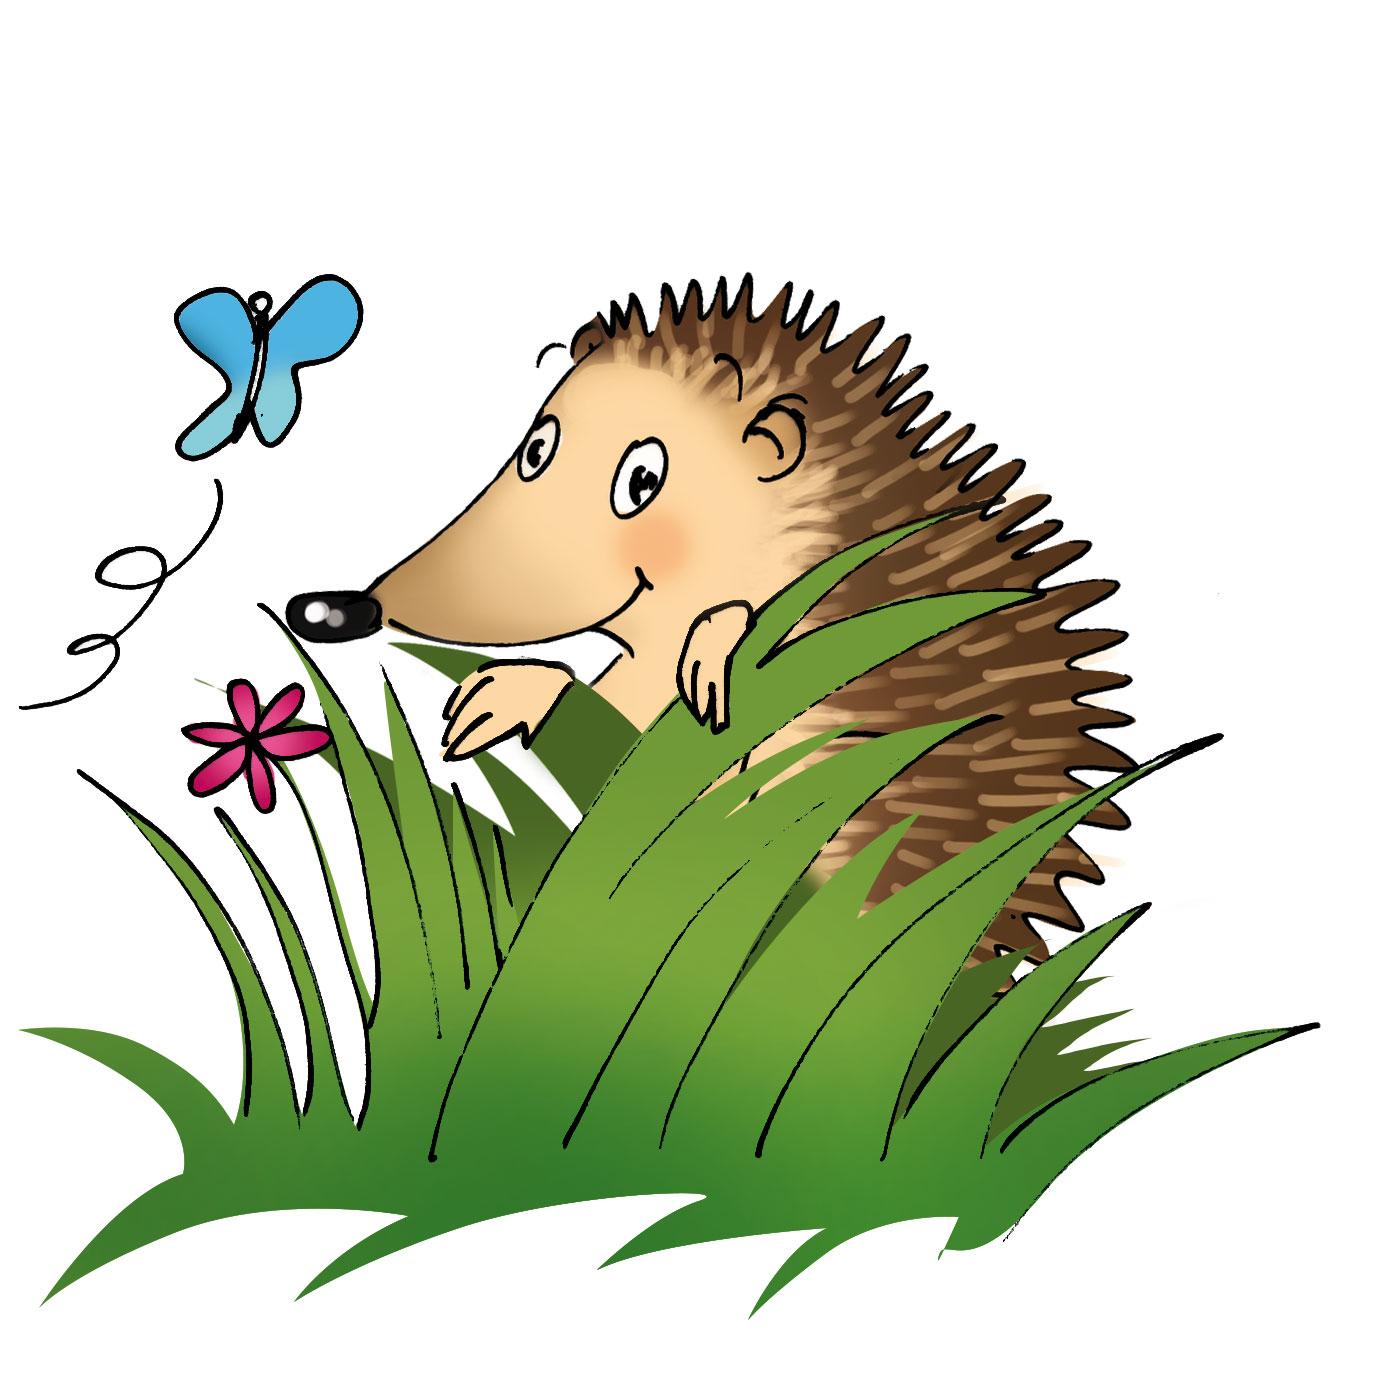 Faites de votre jardin le paradis des h rissons christina meissner - J ai trouve un herisson dans mon jardin que faire ...